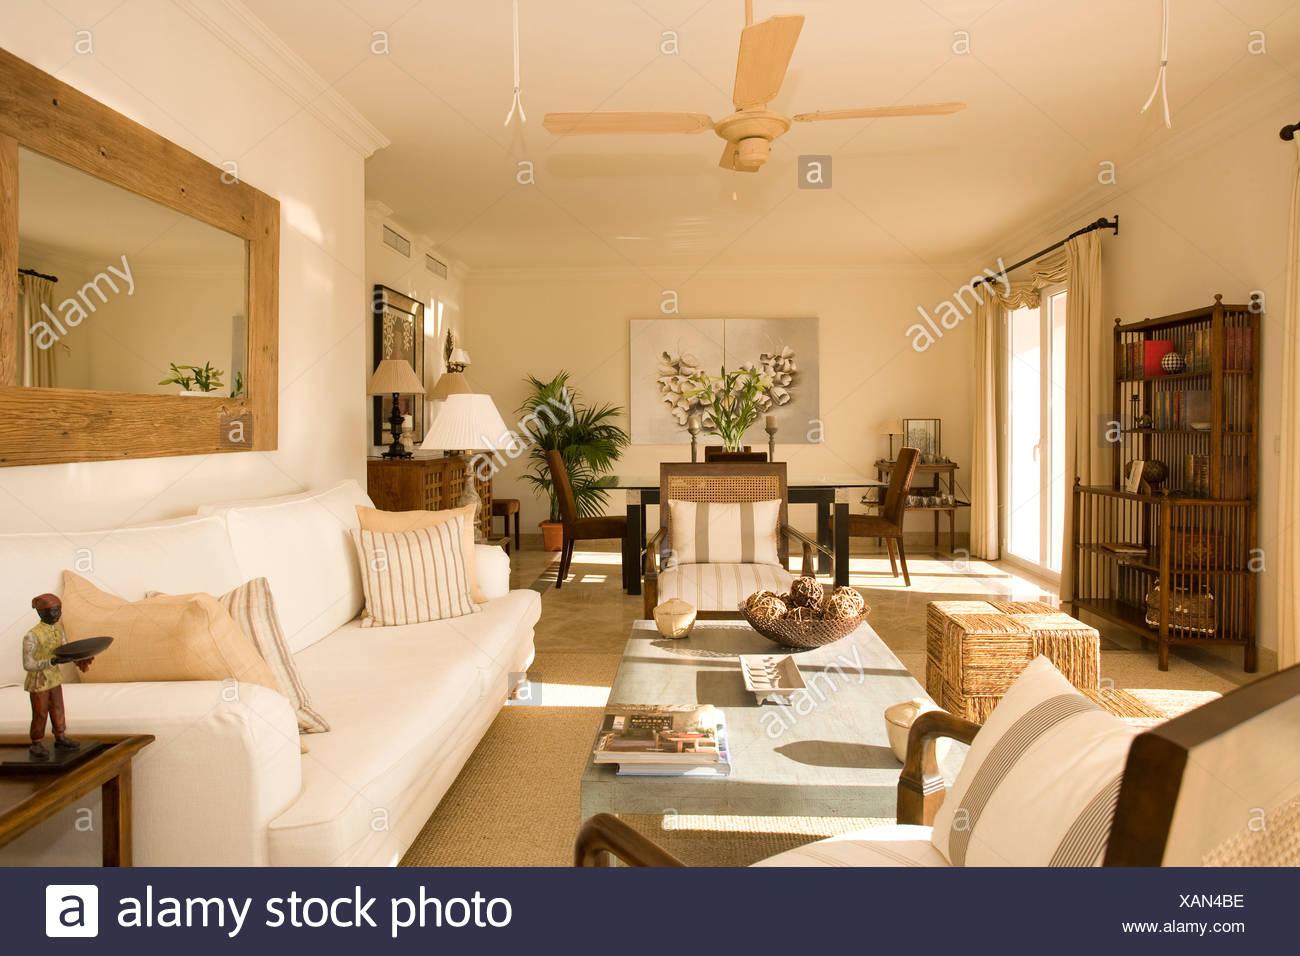 In legno, grande specchio sopra la crema divano nella moderna ...